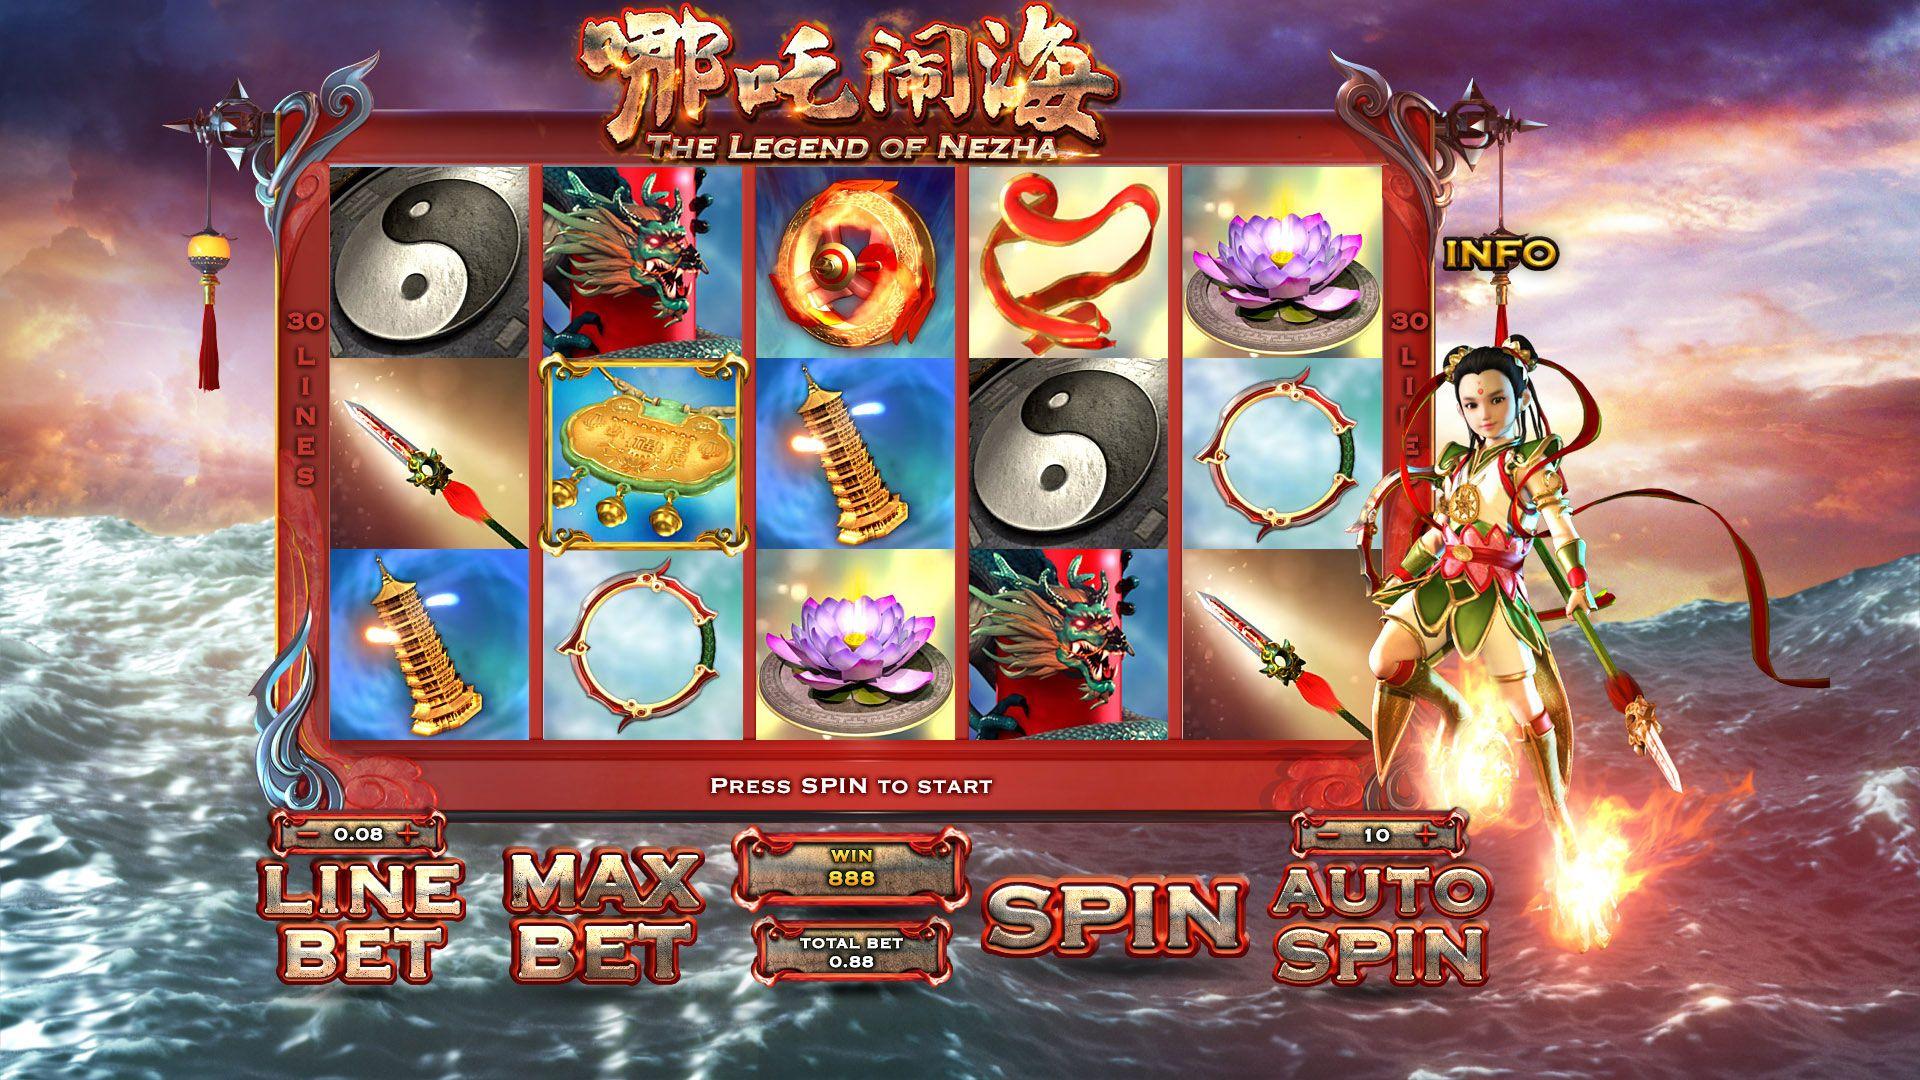 The Legend of Nezha Slot Machine